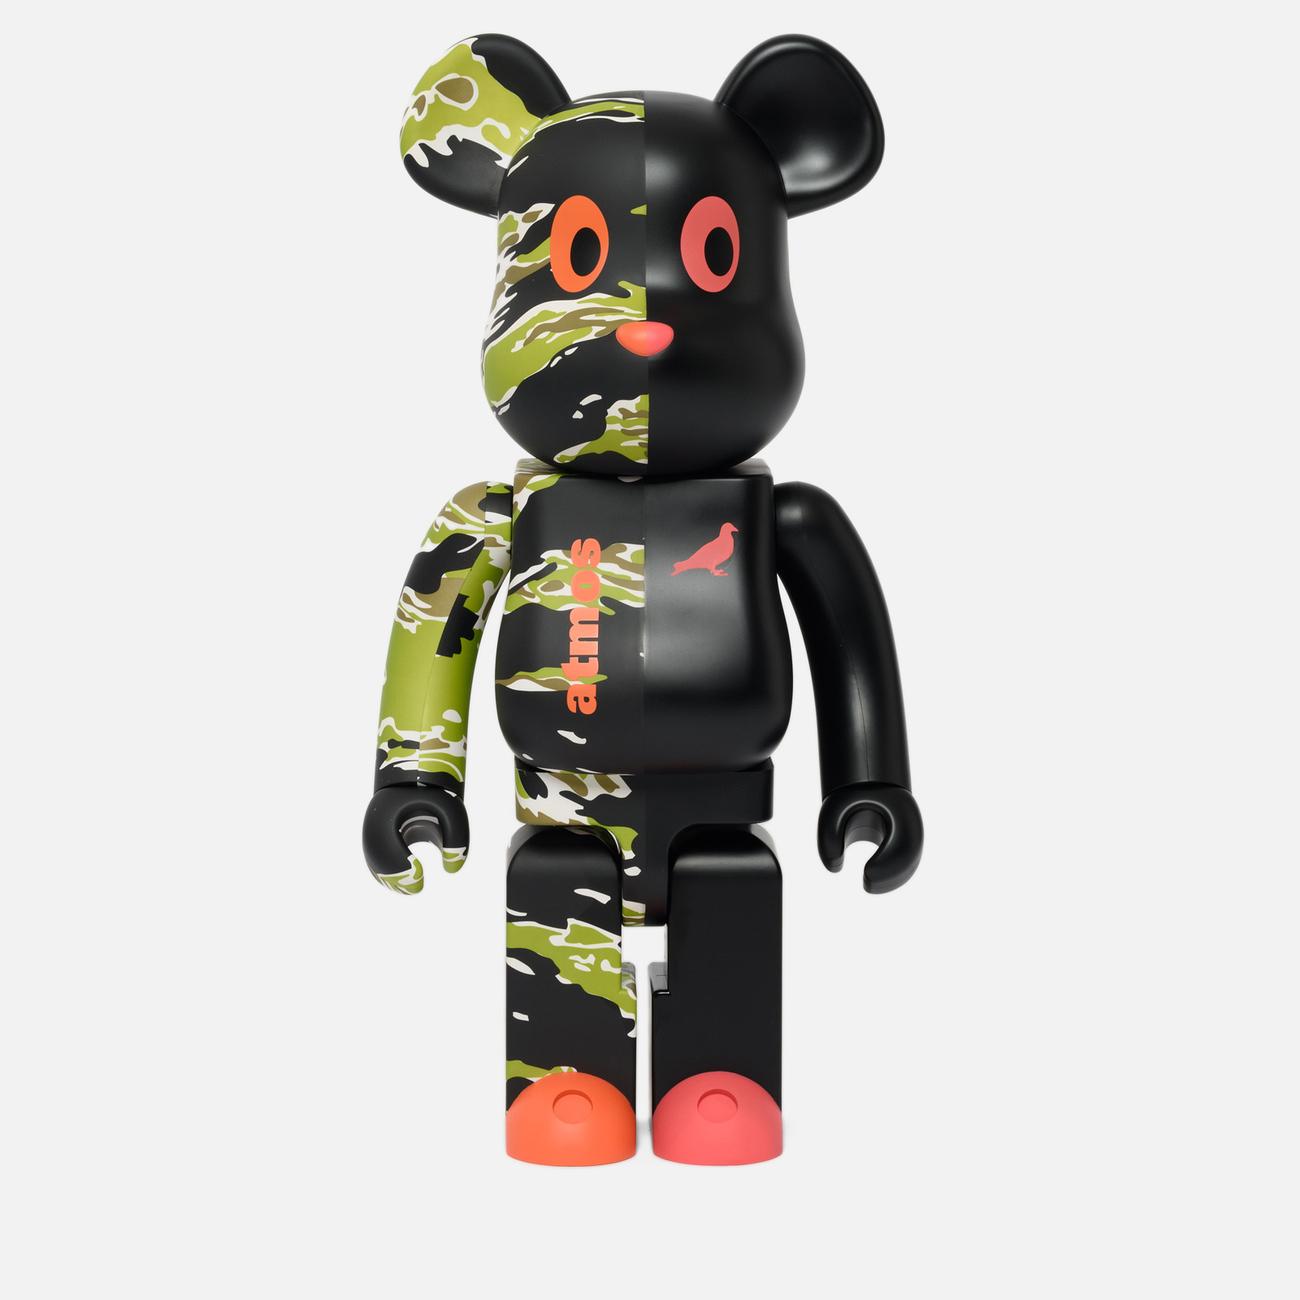 Игрушка Medicom Toy Bearbrick atmos x Staple Ver. 2 1000%